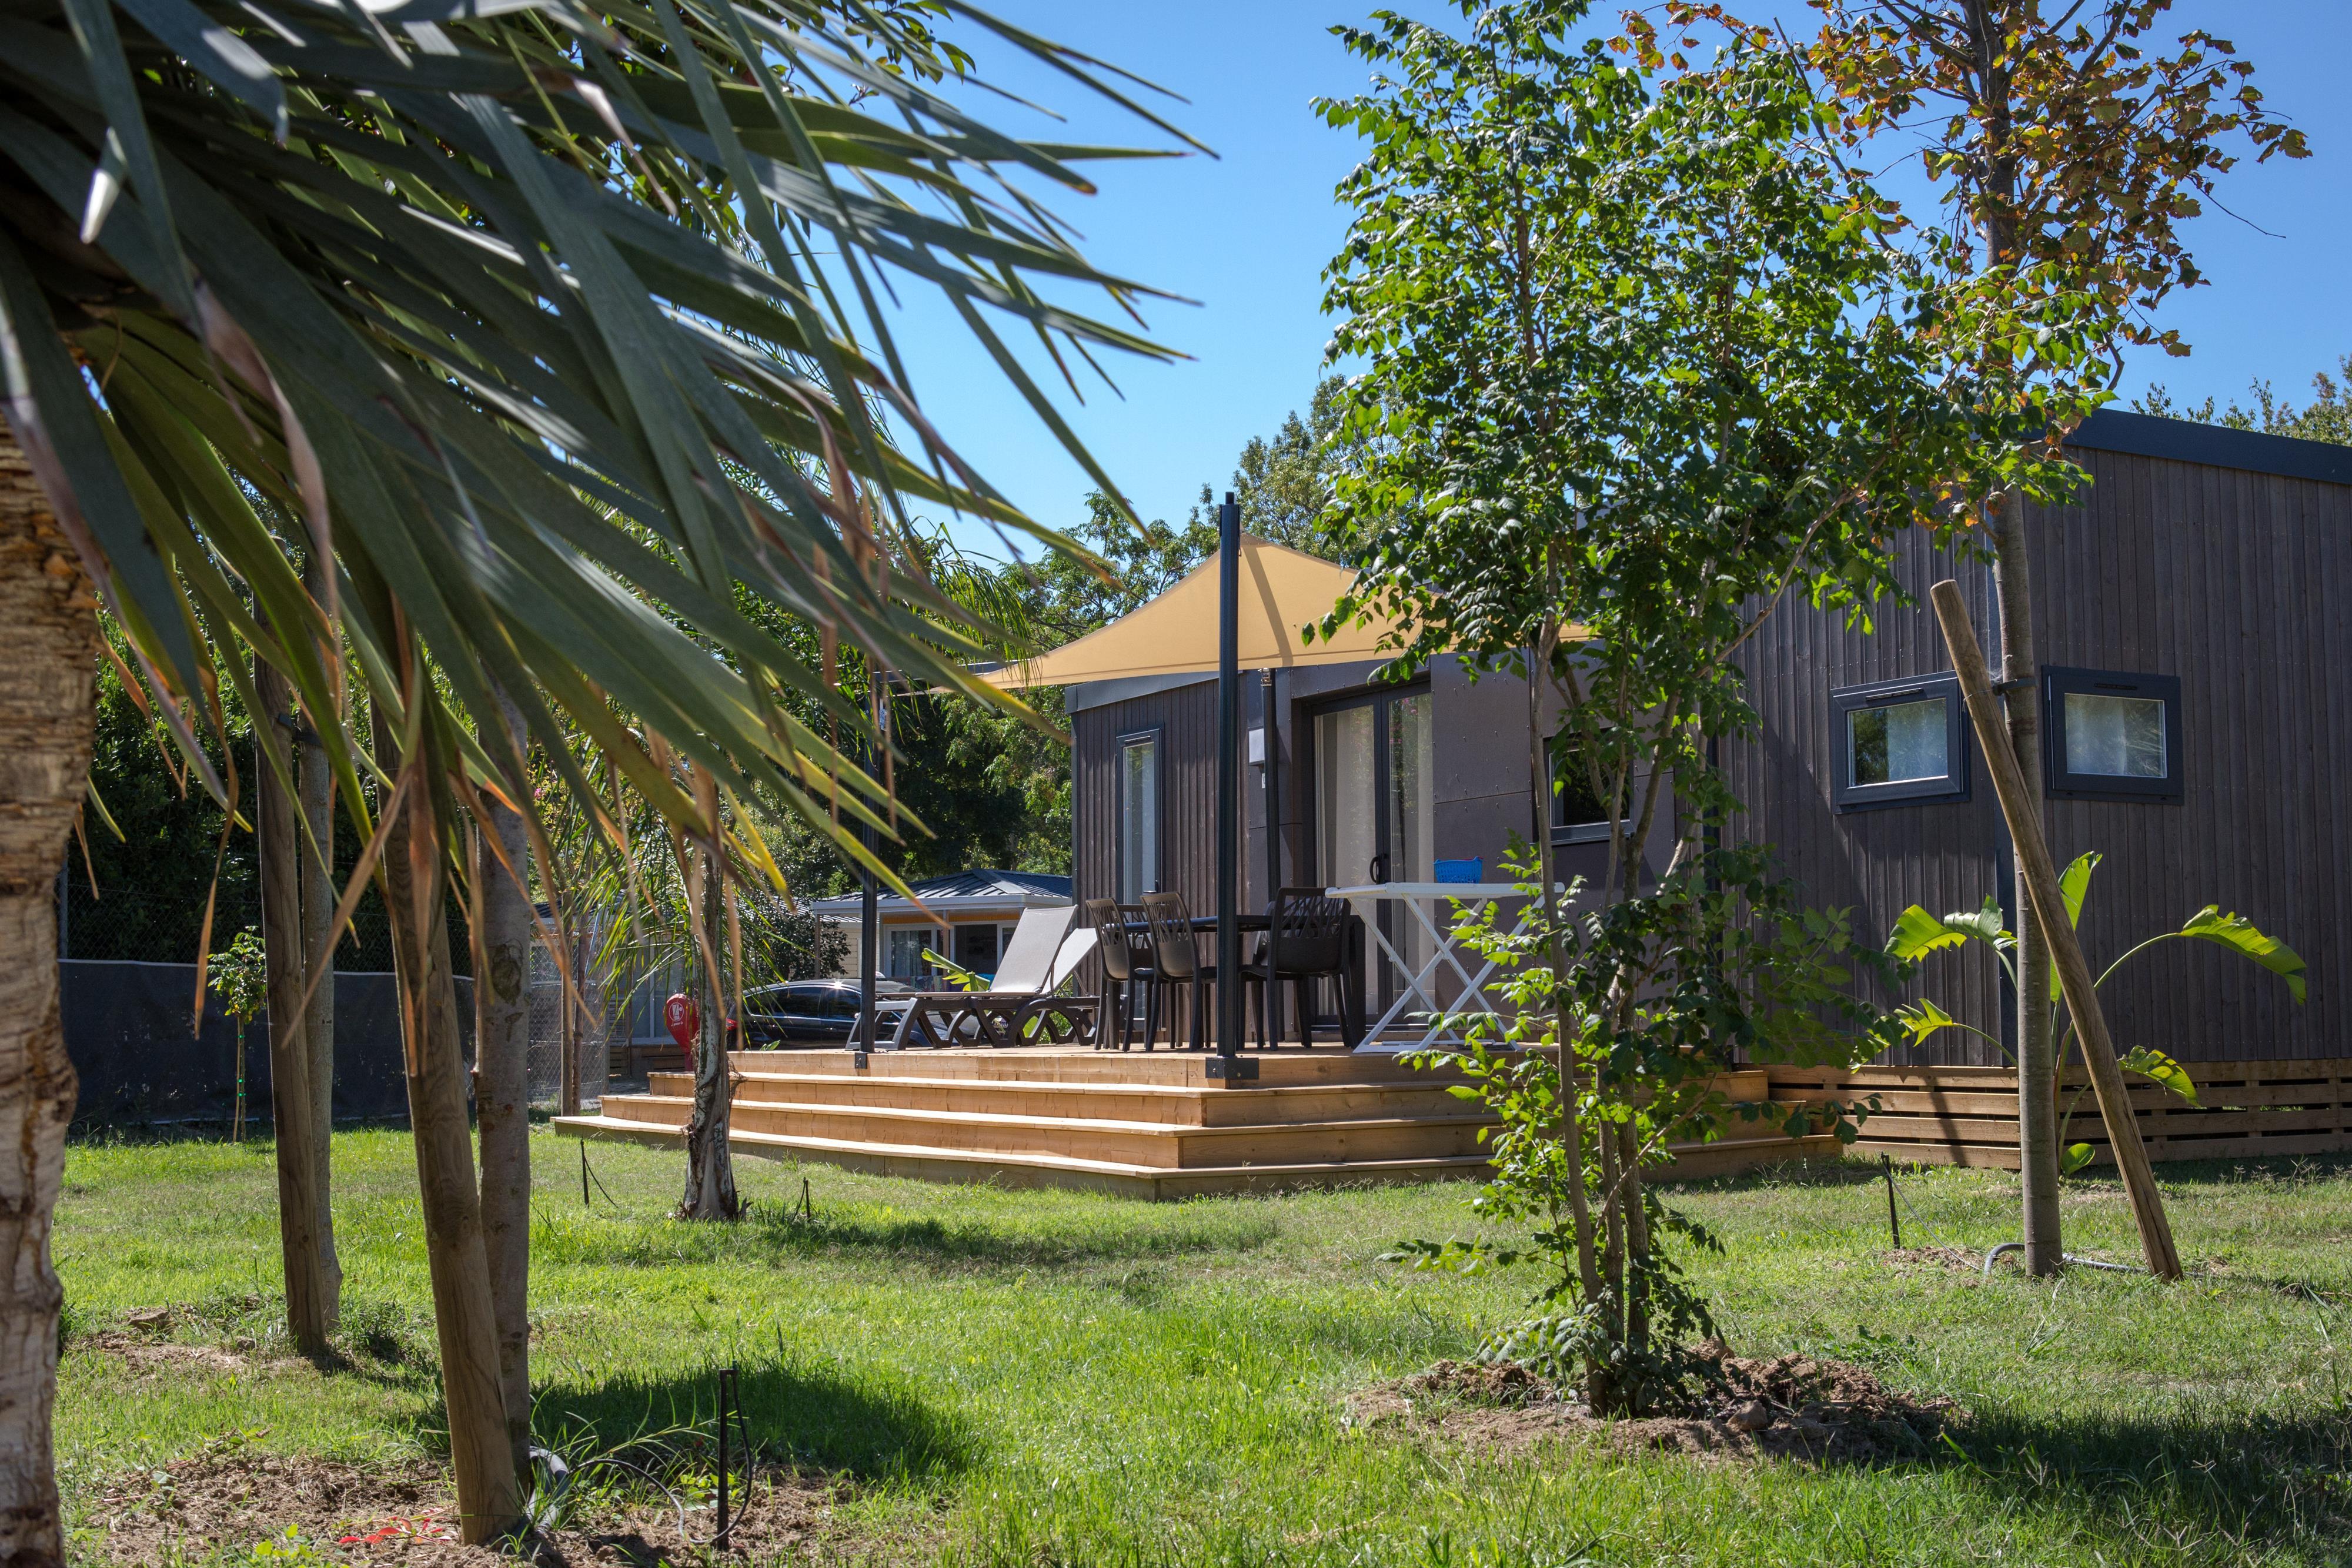 Location - Mobil Home Ciela Prestige - 38M² - 1 Suite Parentale- 2 Chambres - 2 Salles De Bain- Climatisation - Tv - Lave Vaisselle - Draps Inclus - Camping Les Marsouins